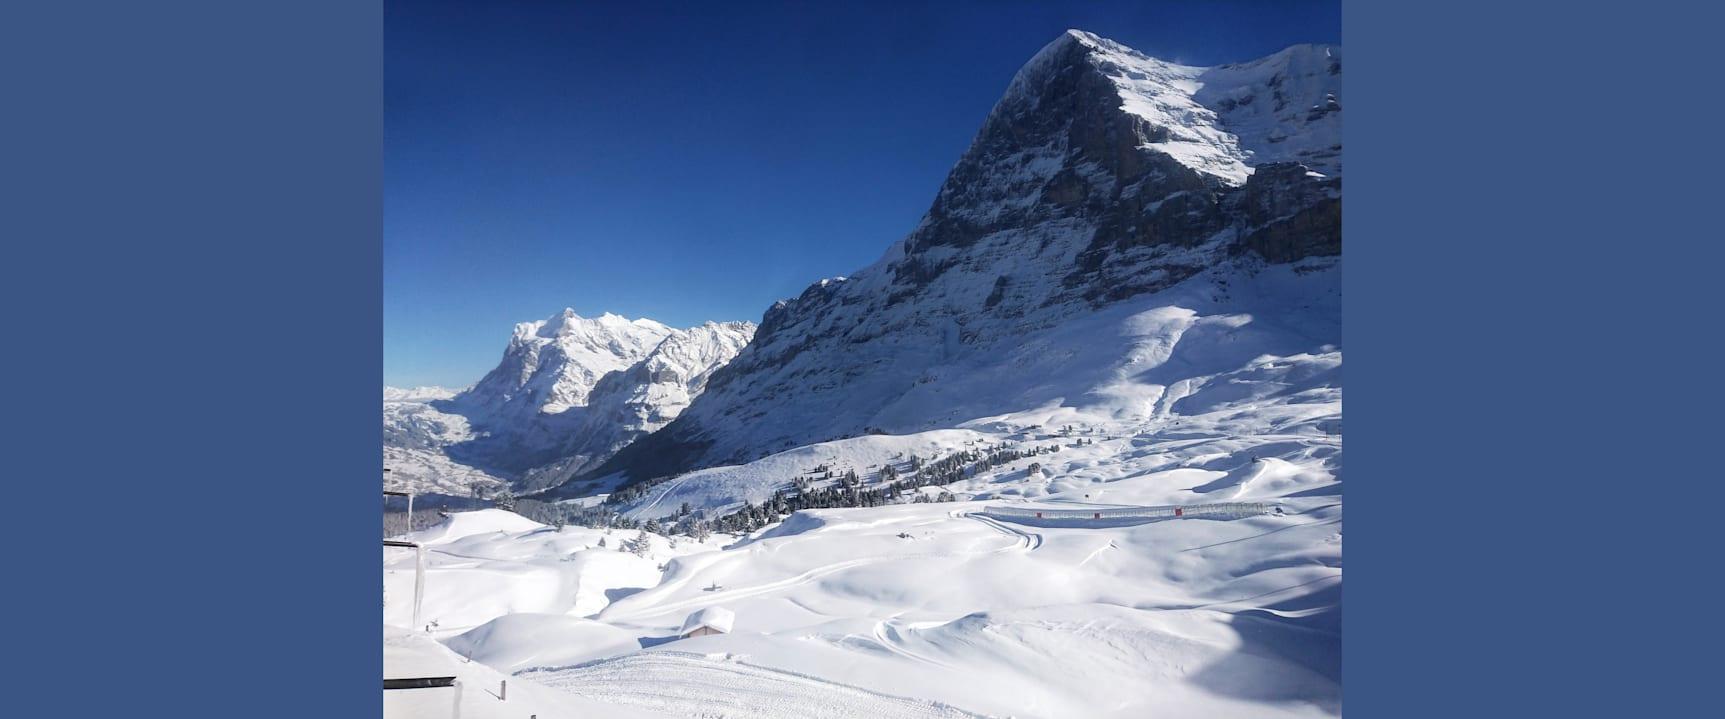 Winterbild Kleine Scheidegg